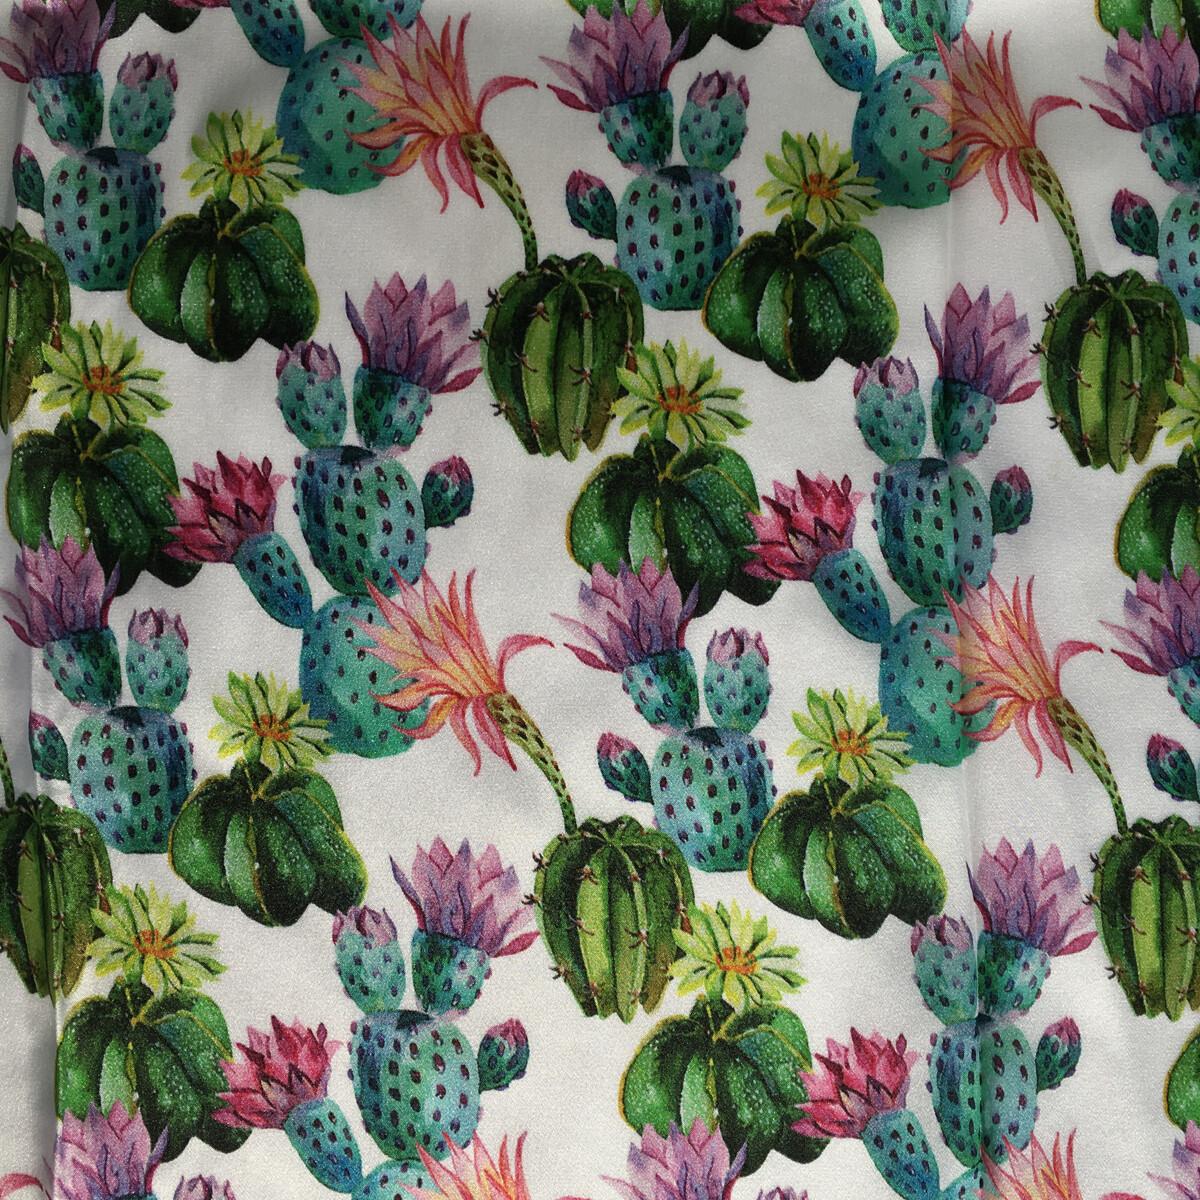 Cactus M&F Wild Rag